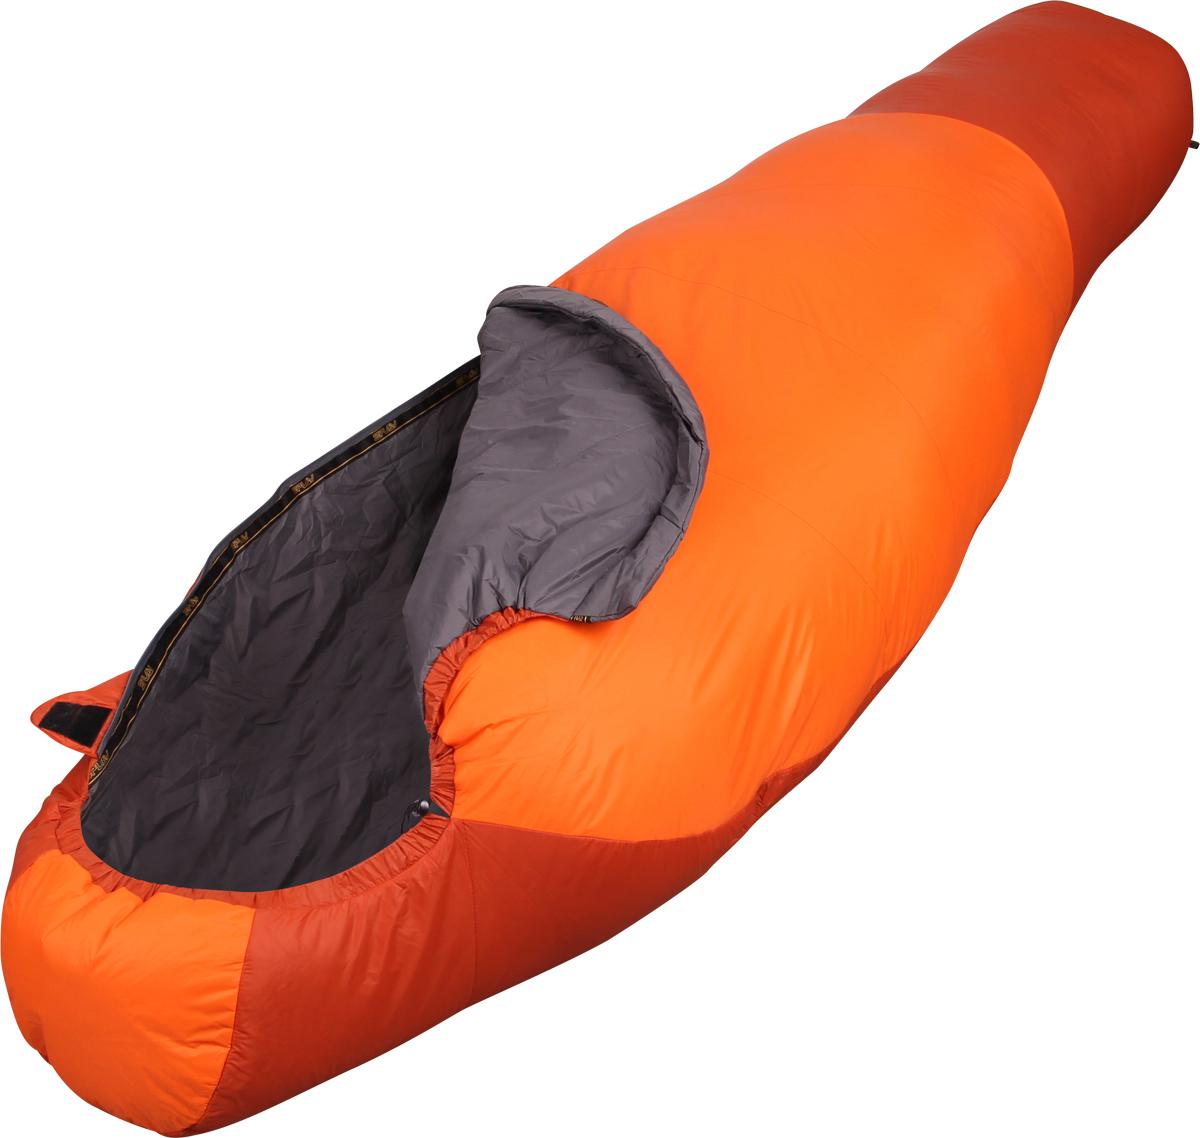 Мешок спальный Сплав Antris 120, левосторонняя молния, цвет: оранжевый, 220 x 85 x 55 см мешок спальный сплав trial light 100 левосторонняя молния цвет синий 220 x 80 x 55 см